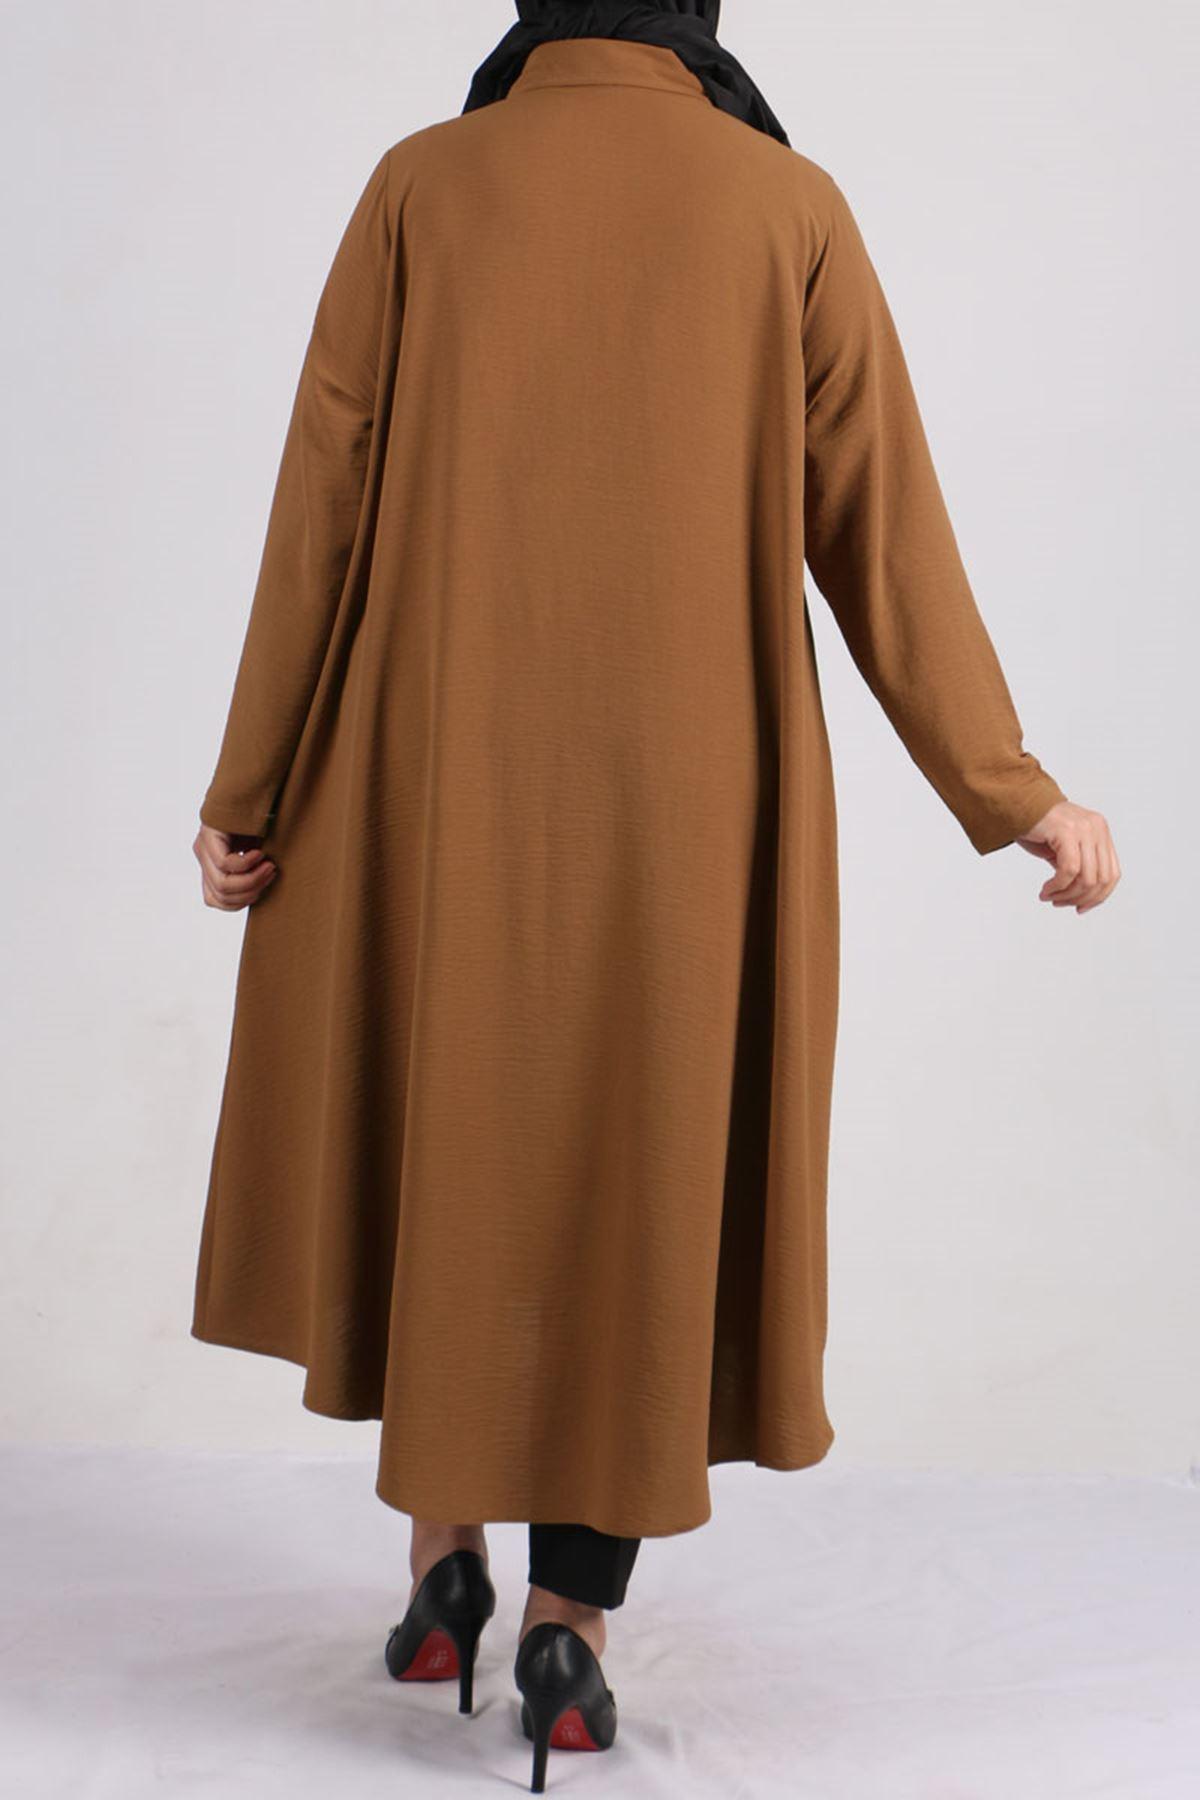 8225 Plus Size Hidden Buttoned Shirt -Saxe